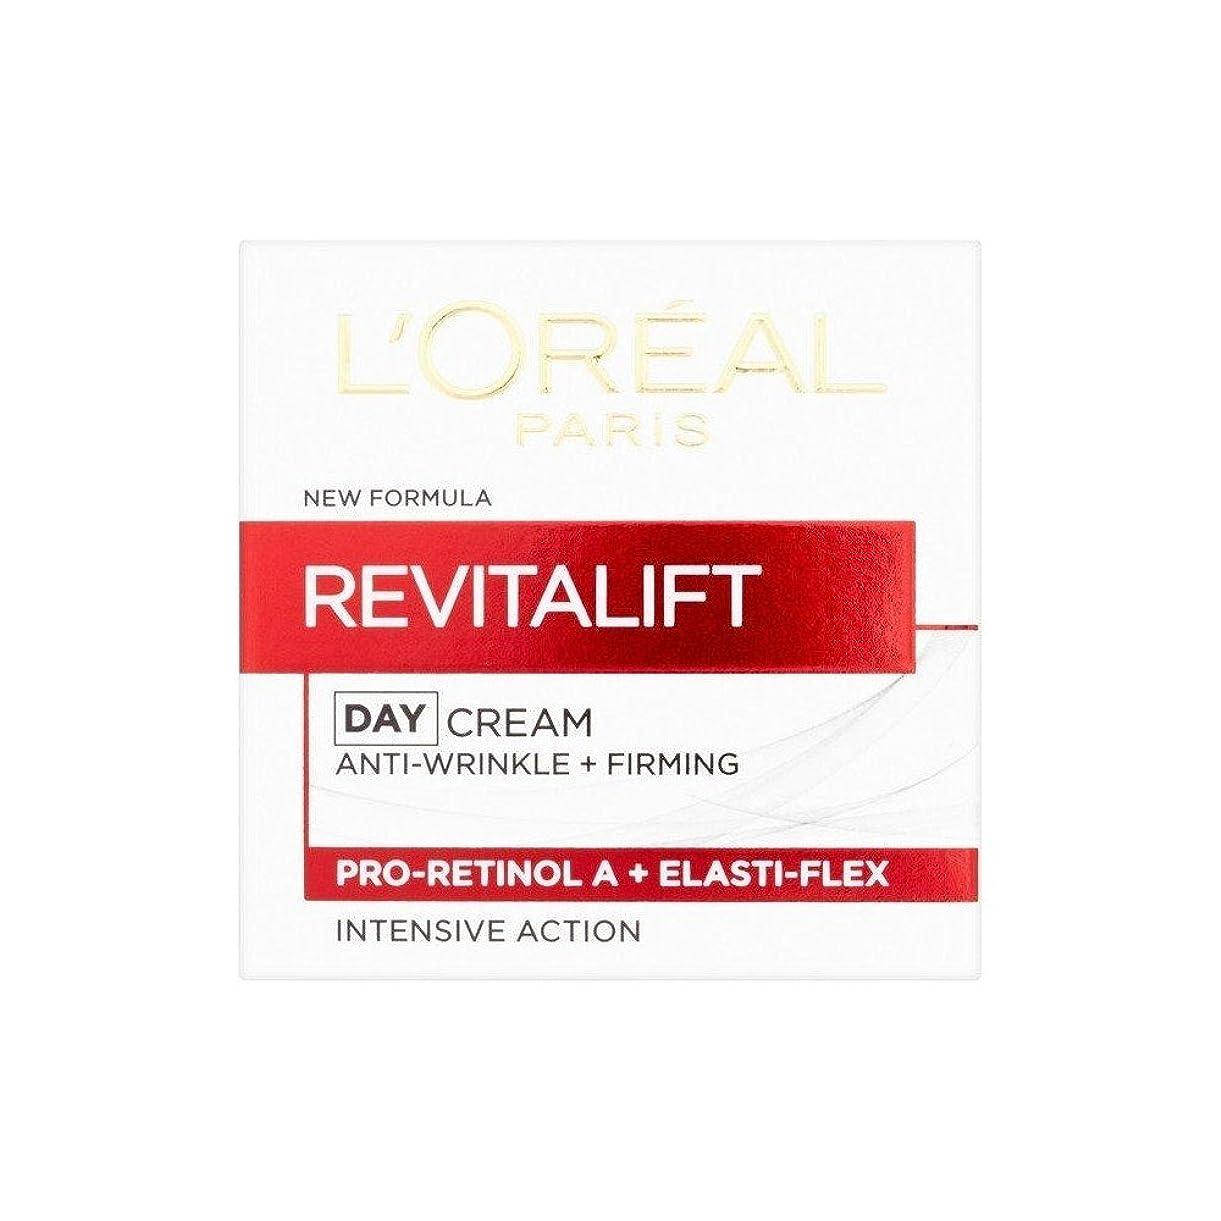 通信するかもしれないいいねL'Oreal Paris Dermo Expertise Revitalift Day Cream SPF15 (50ml) L'オラ?アルパリ、真皮の専門知識のrevitaliftデイクリームspf15 ( 50ミリリットル) [並行輸入品]